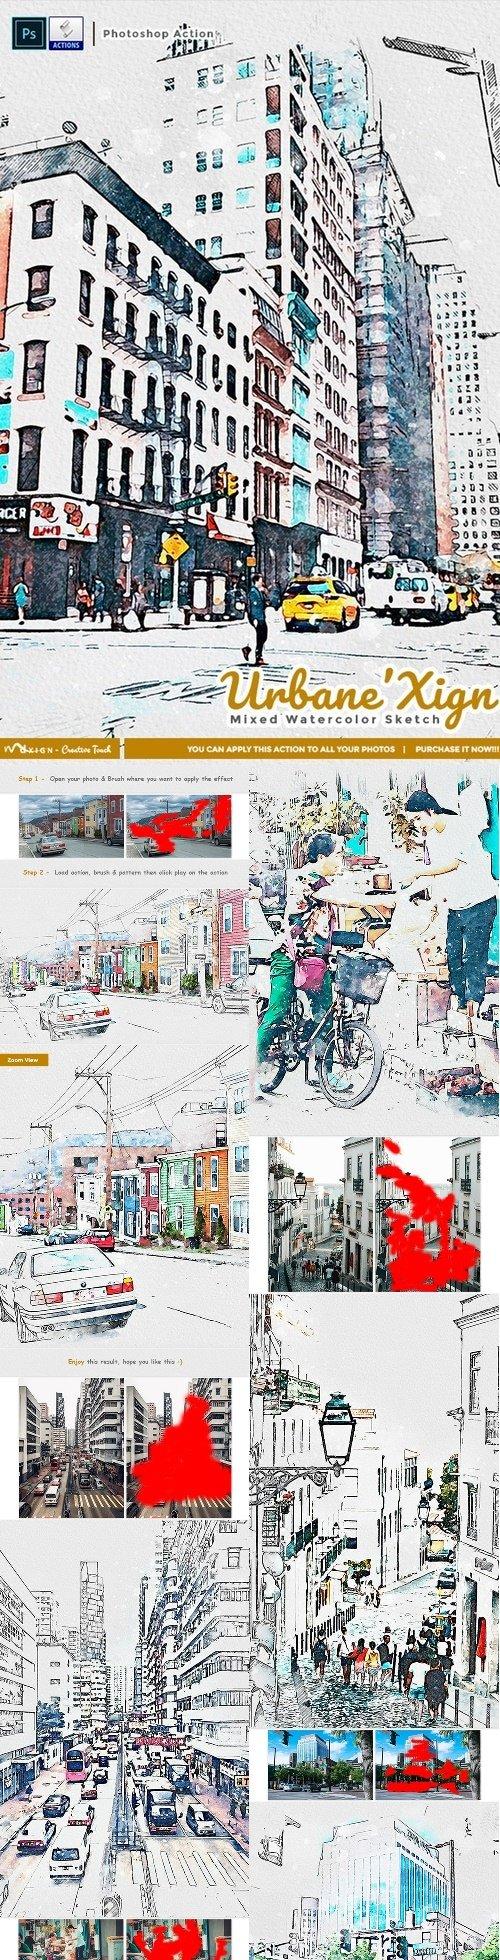 UrbaneXign - Mixed Watercolor Sketch 25571750